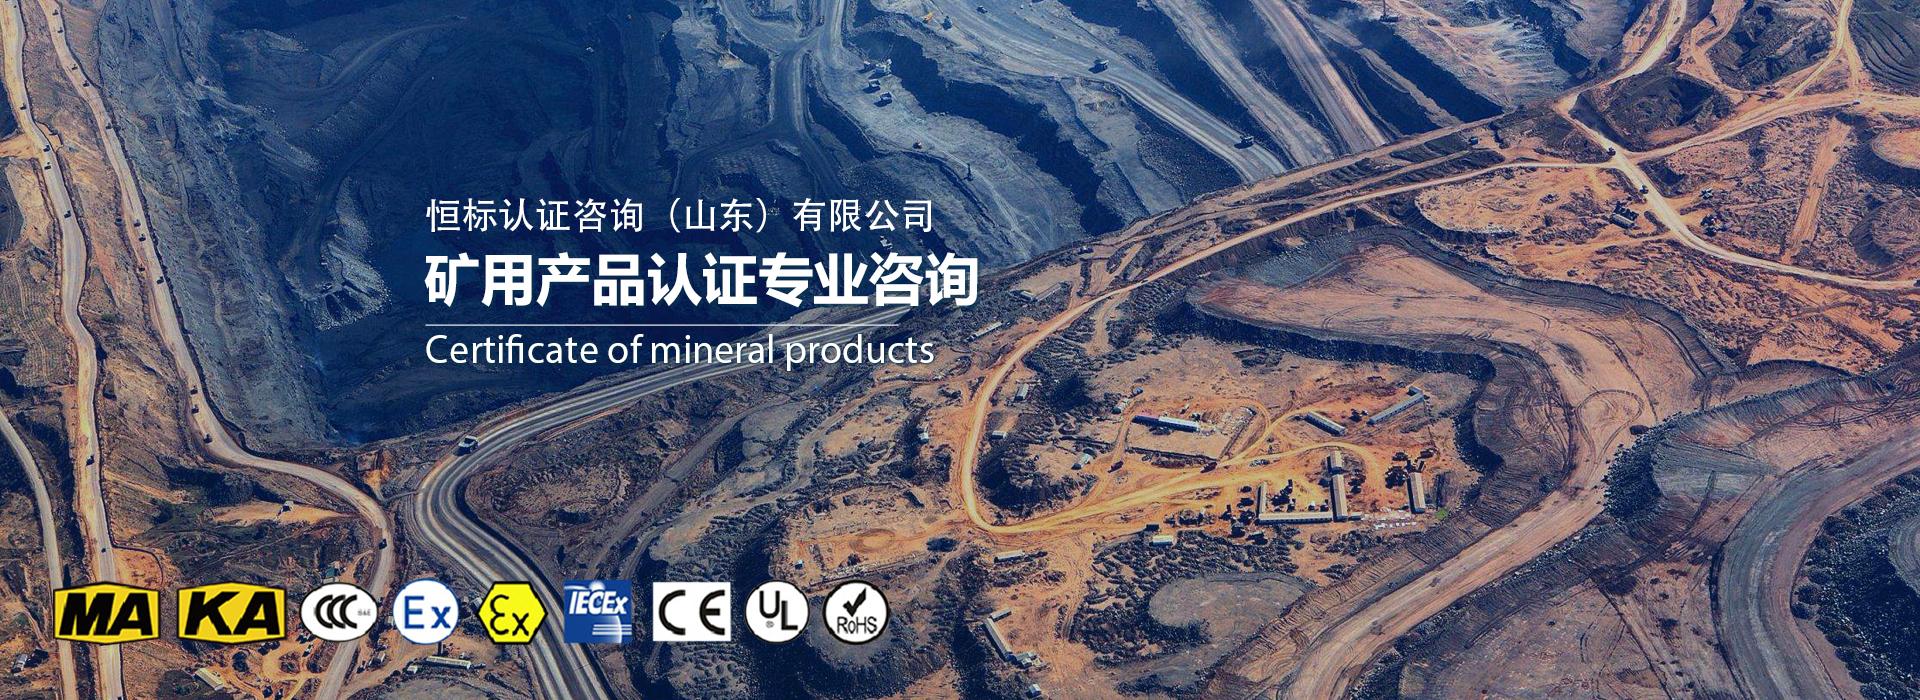 煤安认证中心